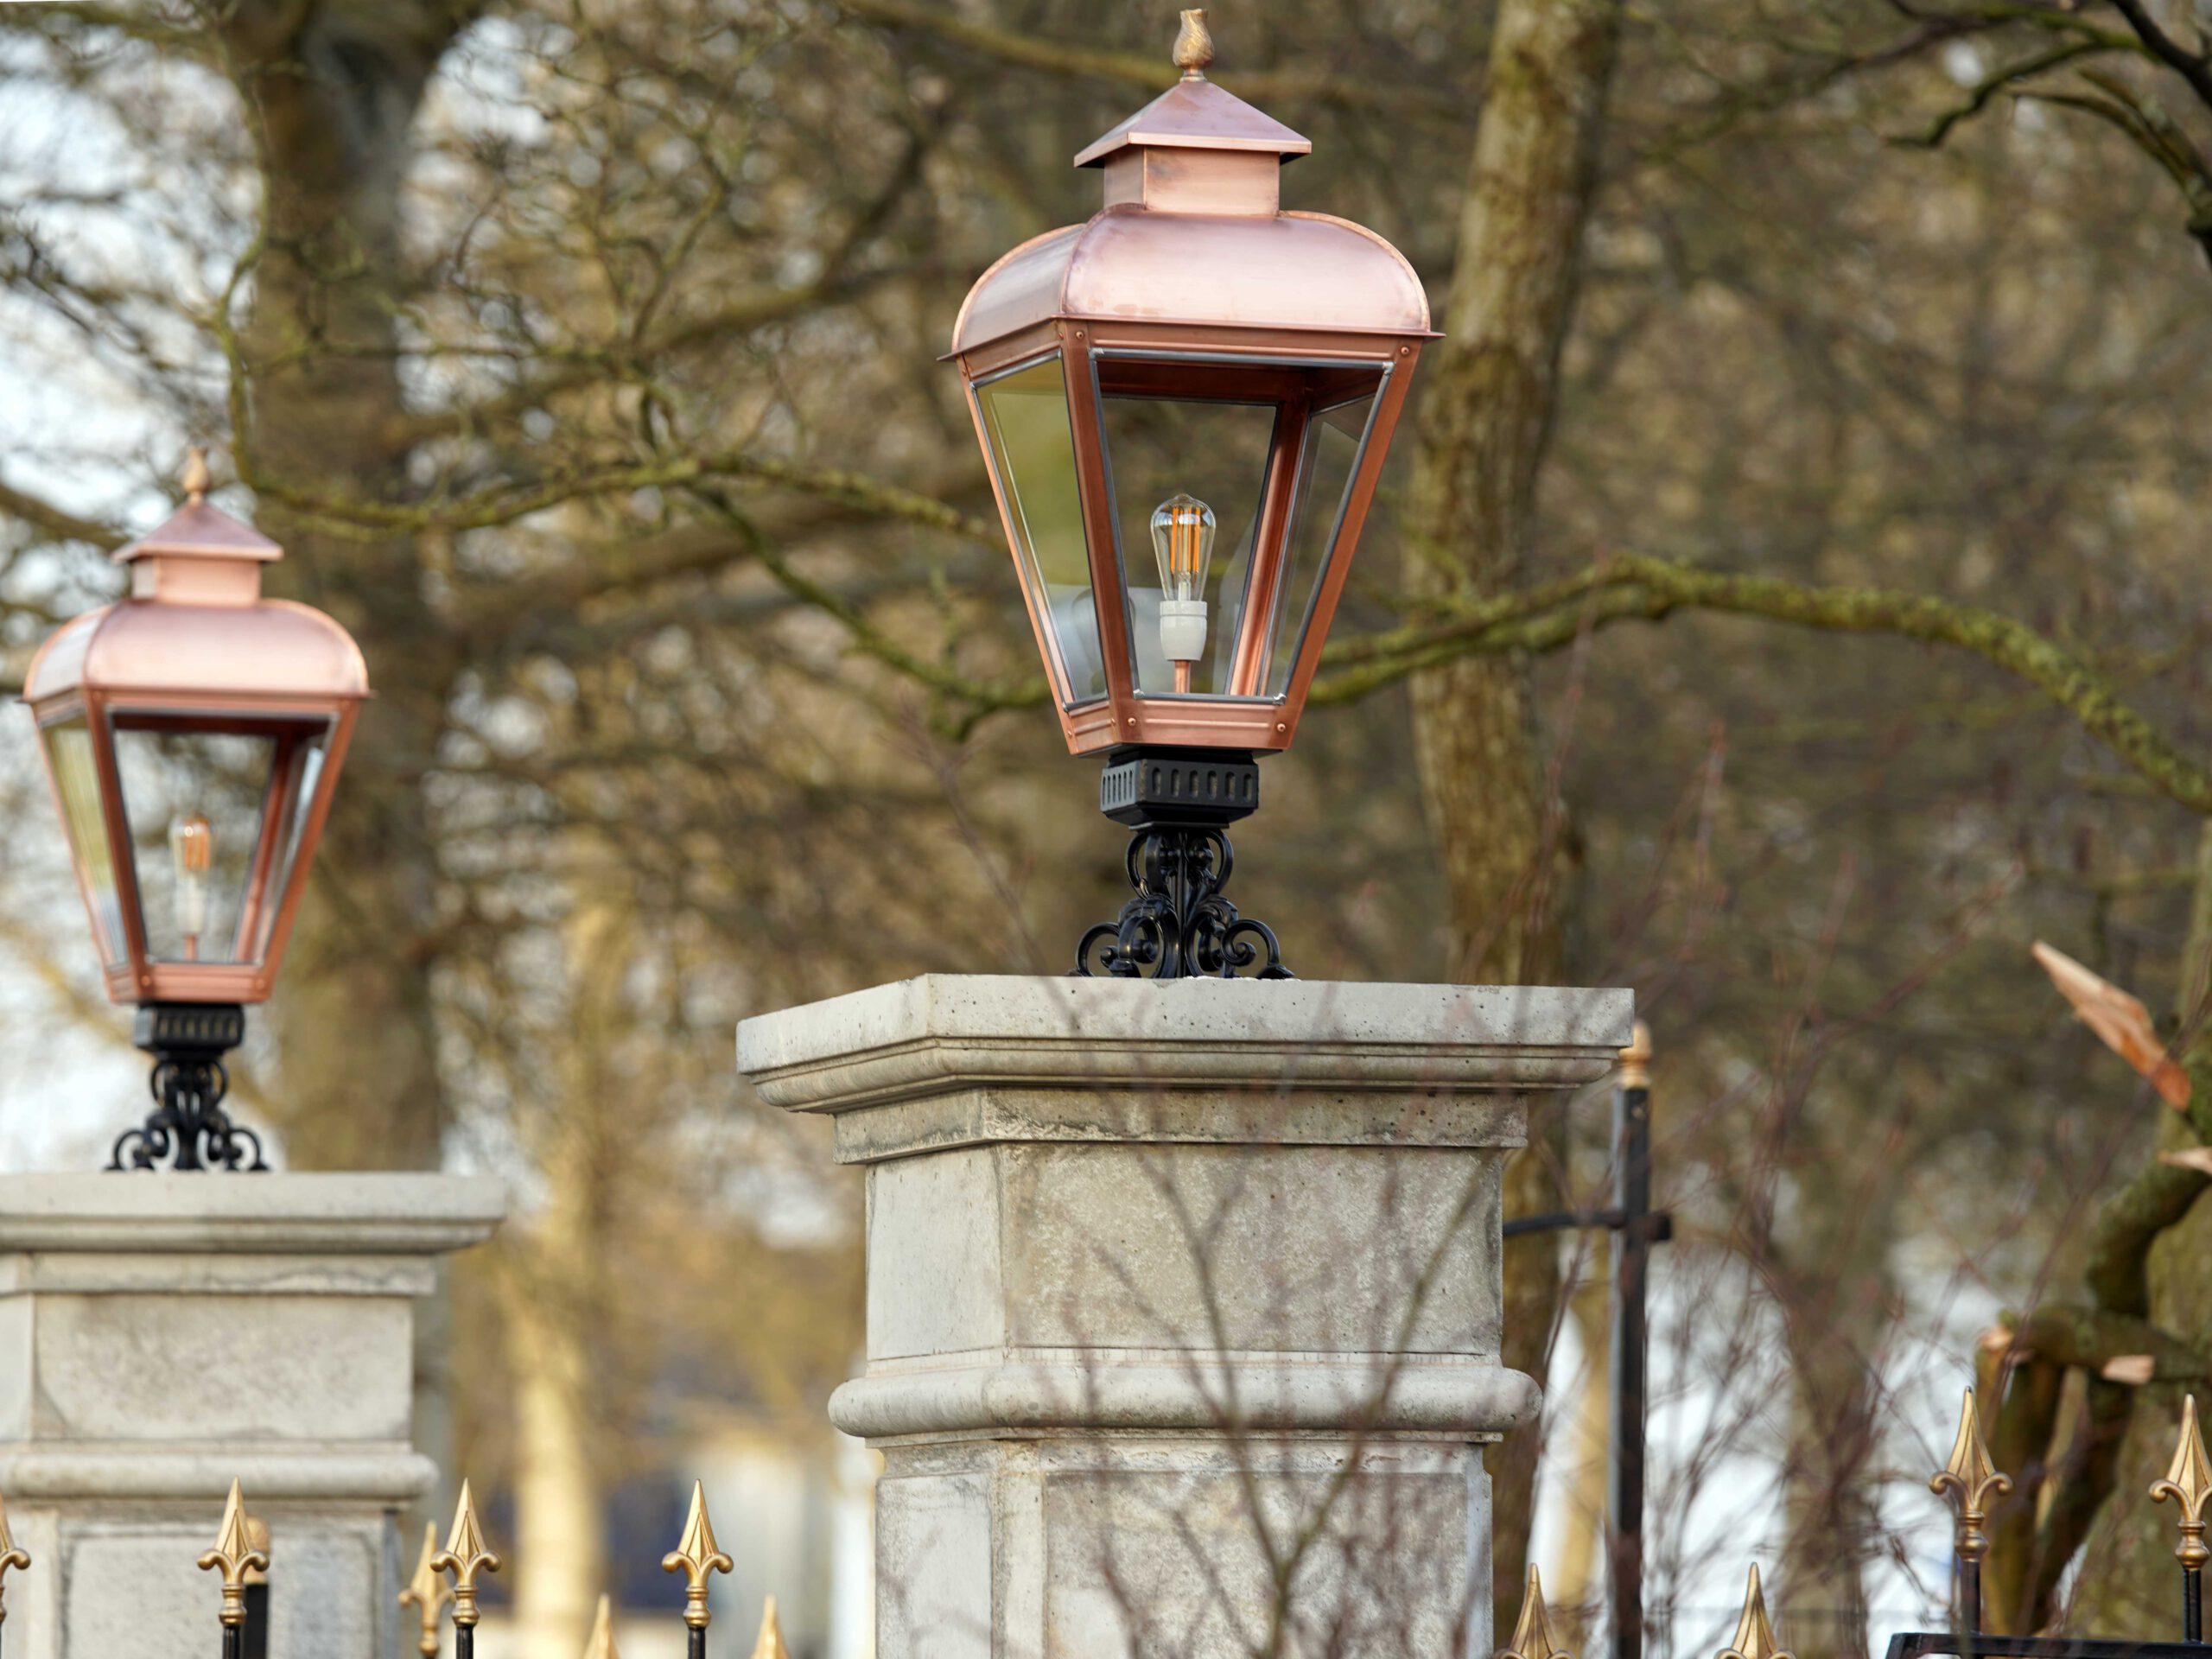 Buitenlamp mooi groot voor op poort of entree